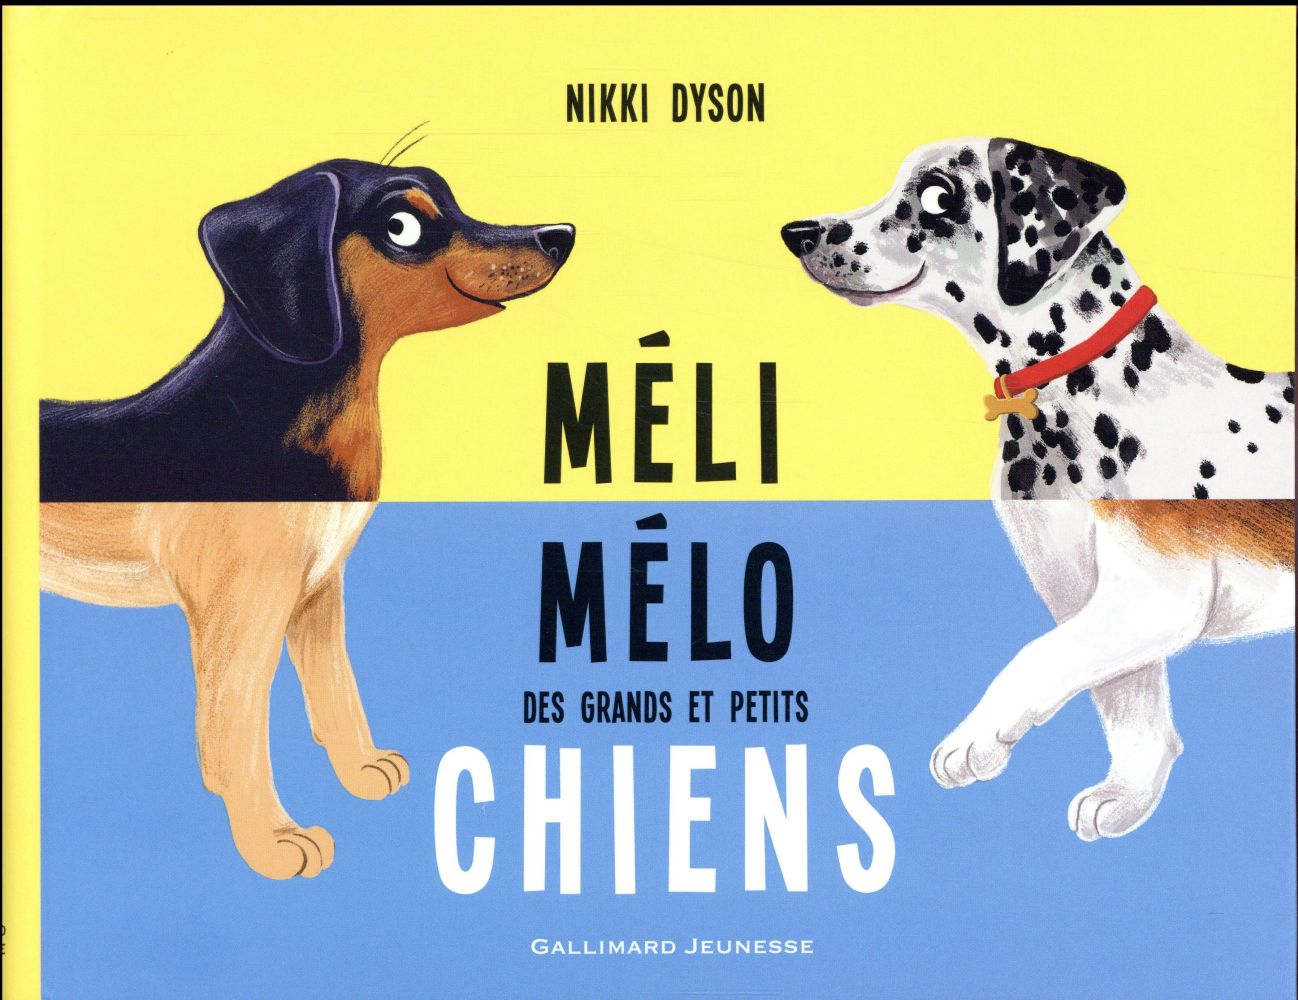 MELI-MELO DES GRANDS ET PETITS CHIENS